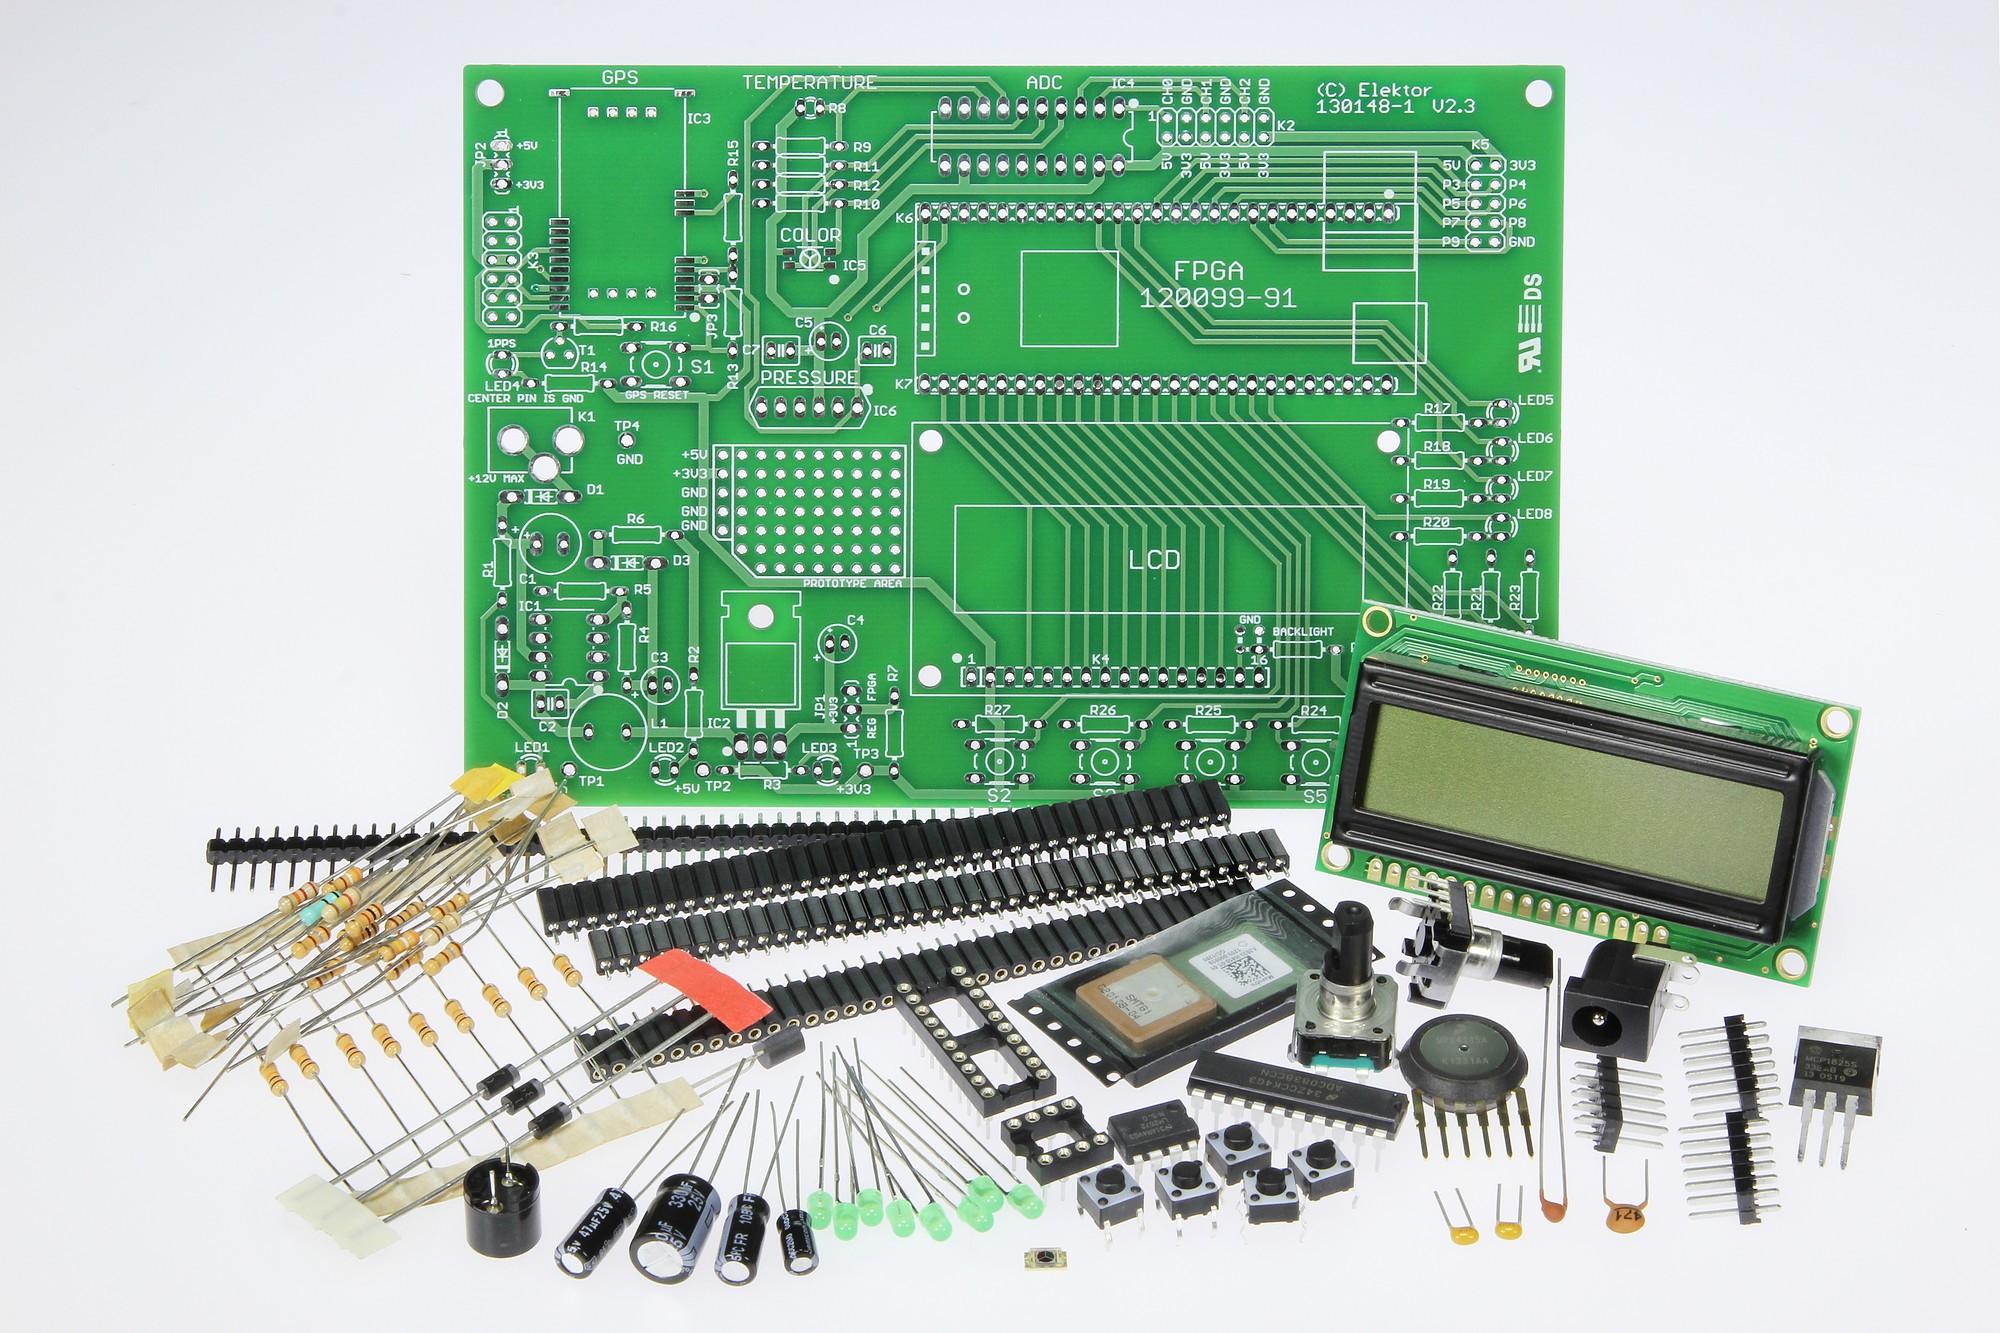 Erweiterungsplatine für das Elektor-FPGA-Board (130148-71)